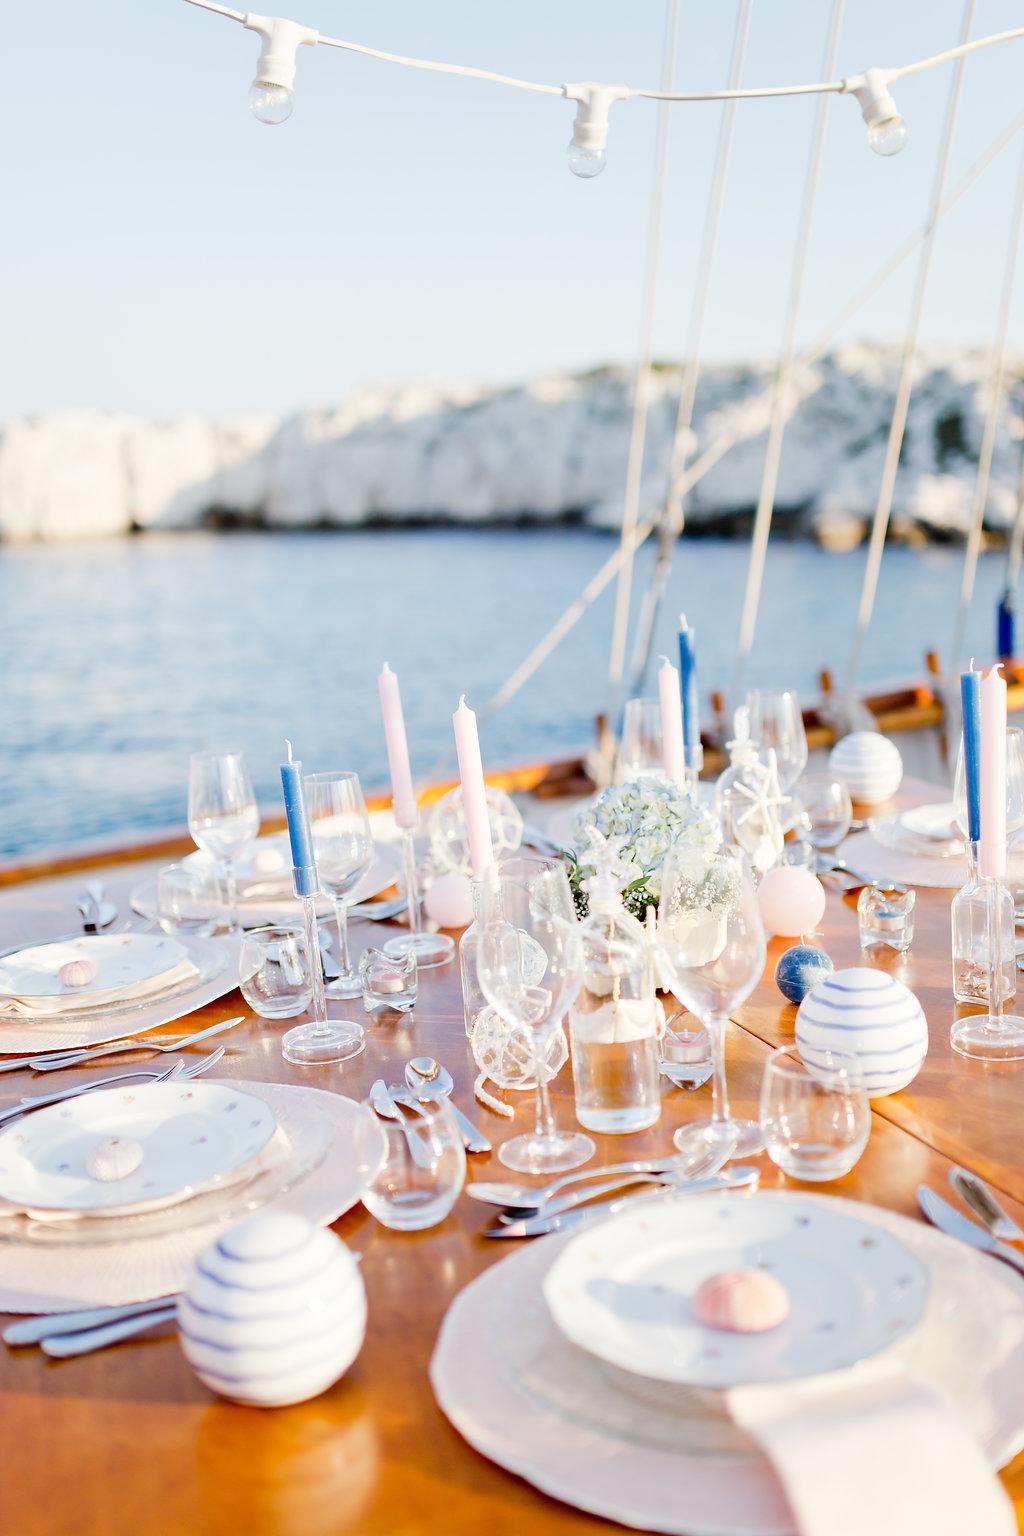 le coeur dans les etoiles - wedding planner - provence - sardaigne - shooting inspiration - mariage voilier - audrey carnoy - deco table 2